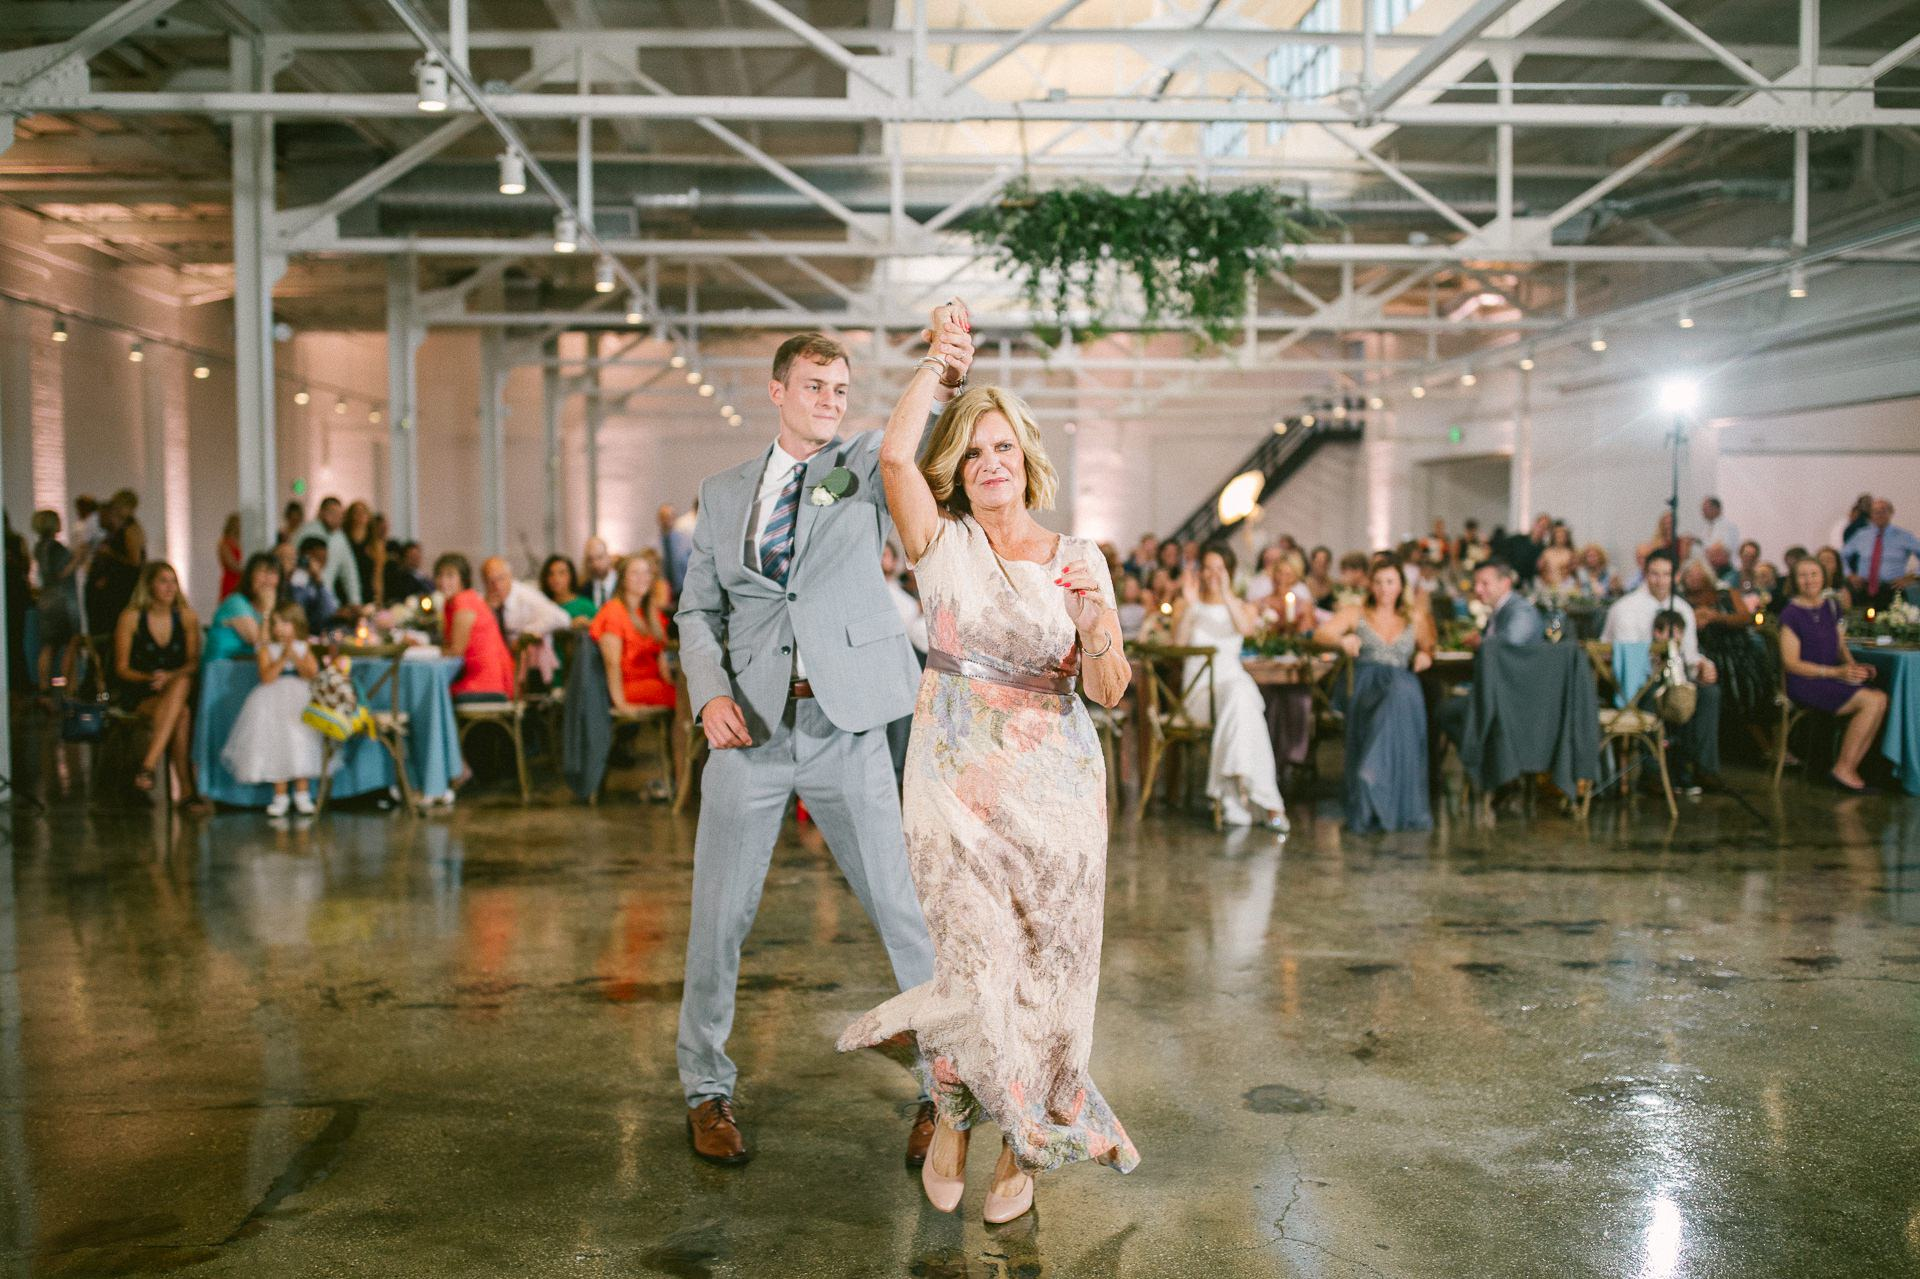 The Madison Wedding Venue Cleveland Wedding Photographer 00226.JPG